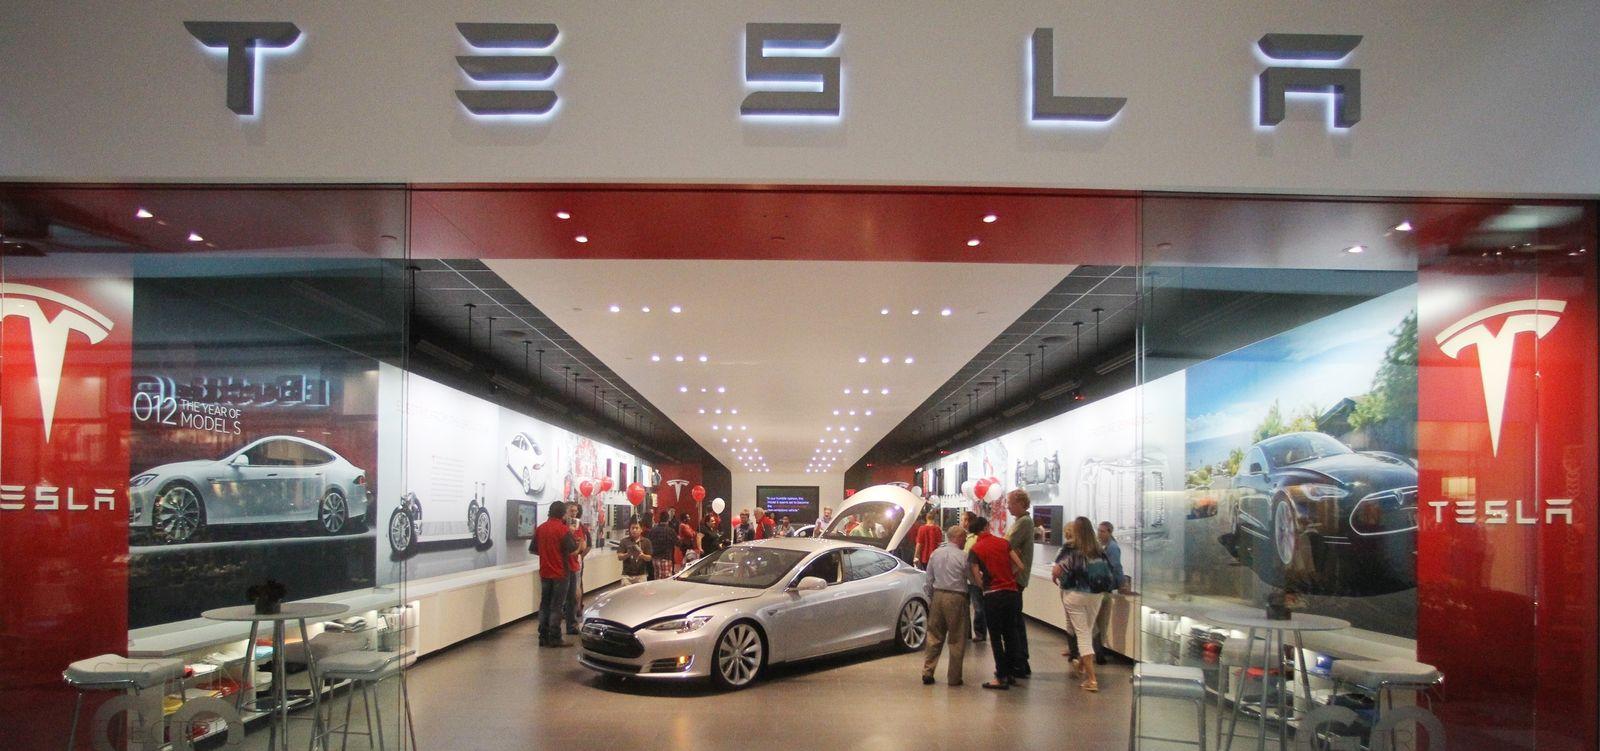 Übernahmen 2016 / Tesla